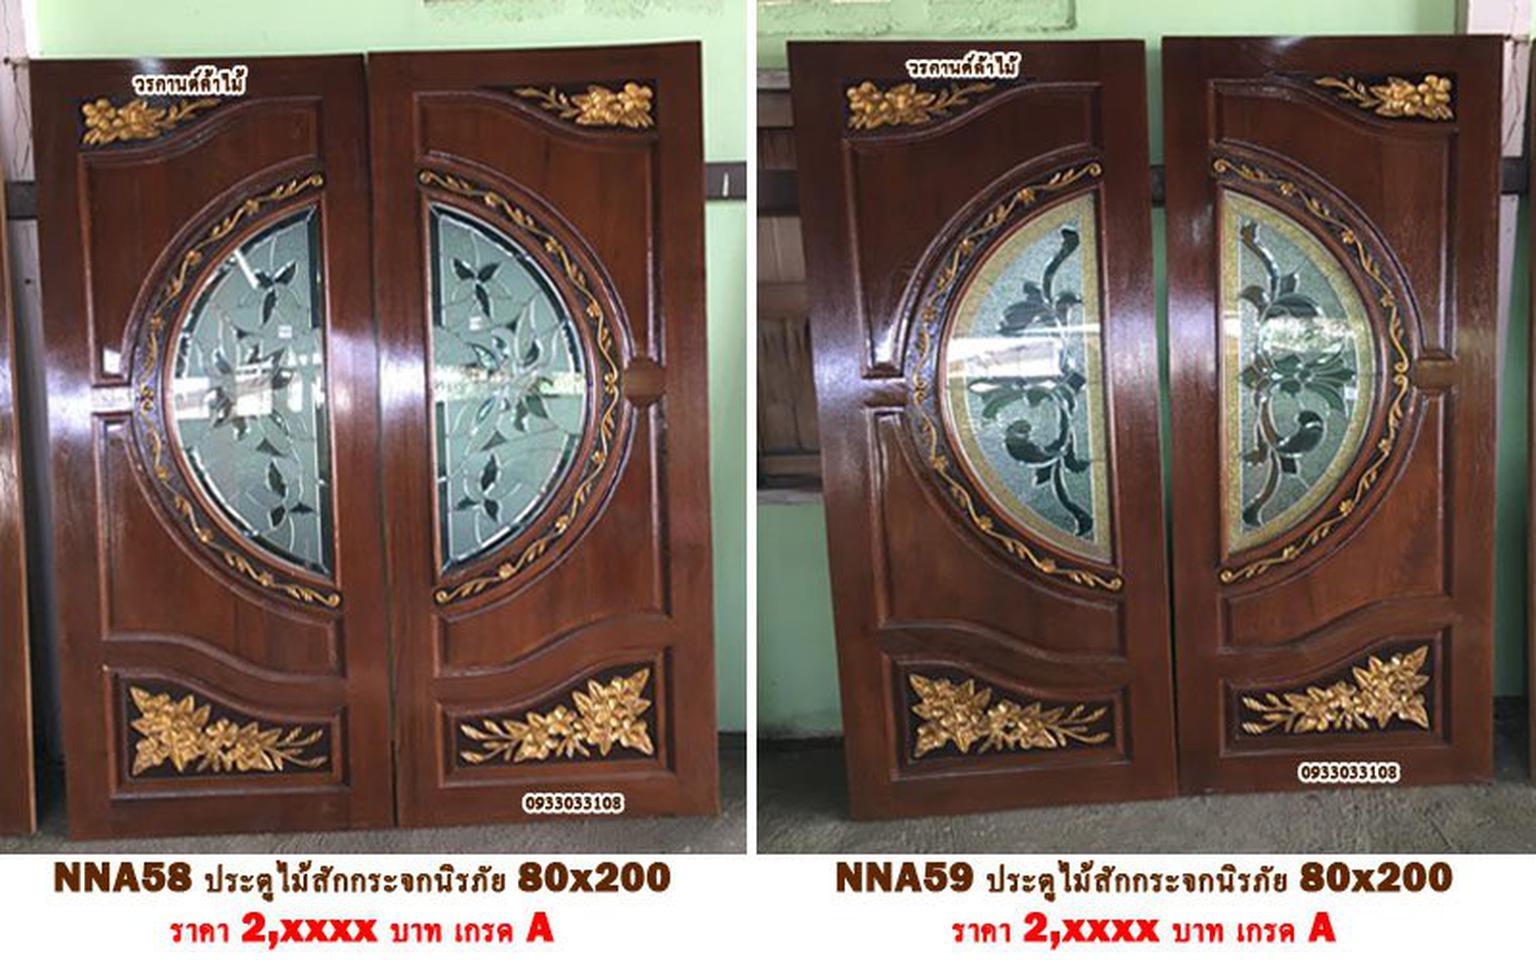 ประตูไม้สัก,กระจกนิรภัย, ประตูไม้สักบานเลื่อน ร้านวรกานต์ค้าไม้ www.door-woodhome.com รูปที่ 6